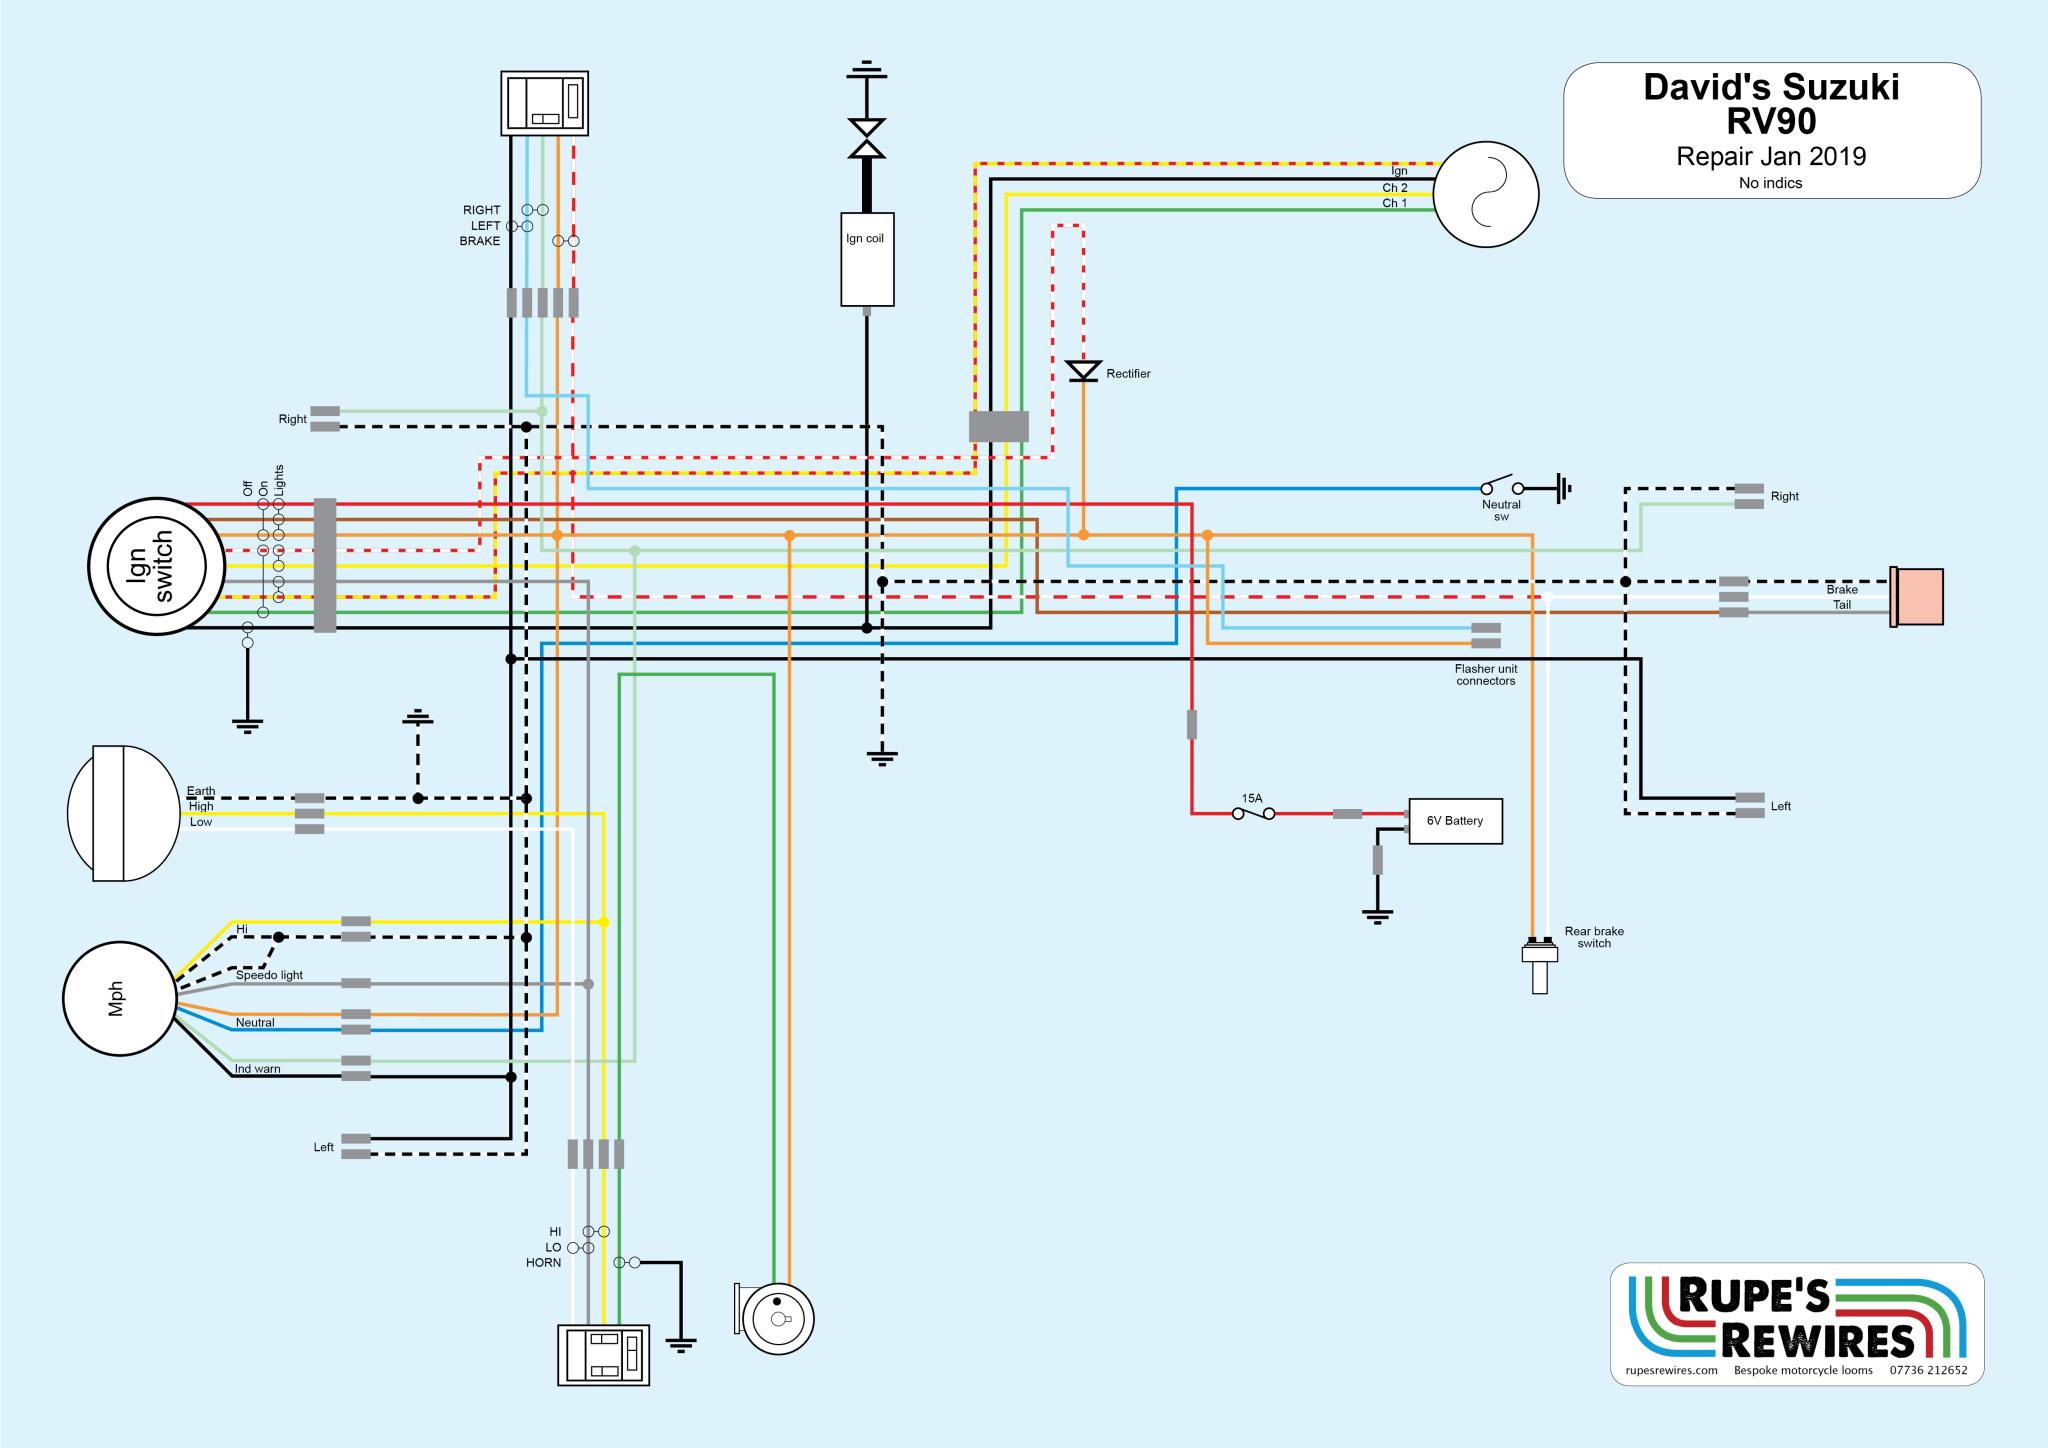 suzuki rv90  rupe's rewires